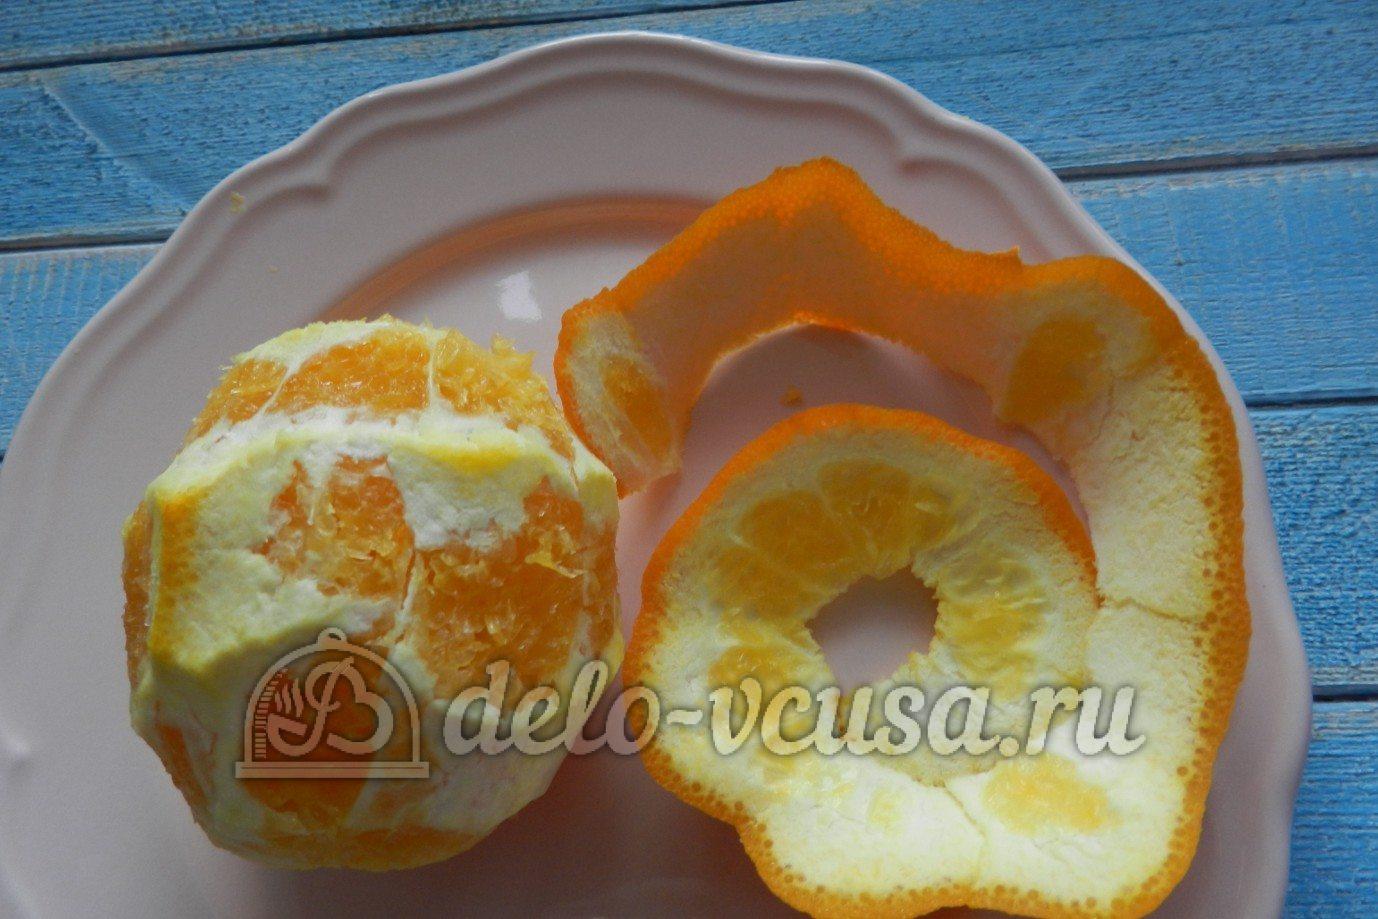 Апельсиновый чизкейк: Апельсин очистить